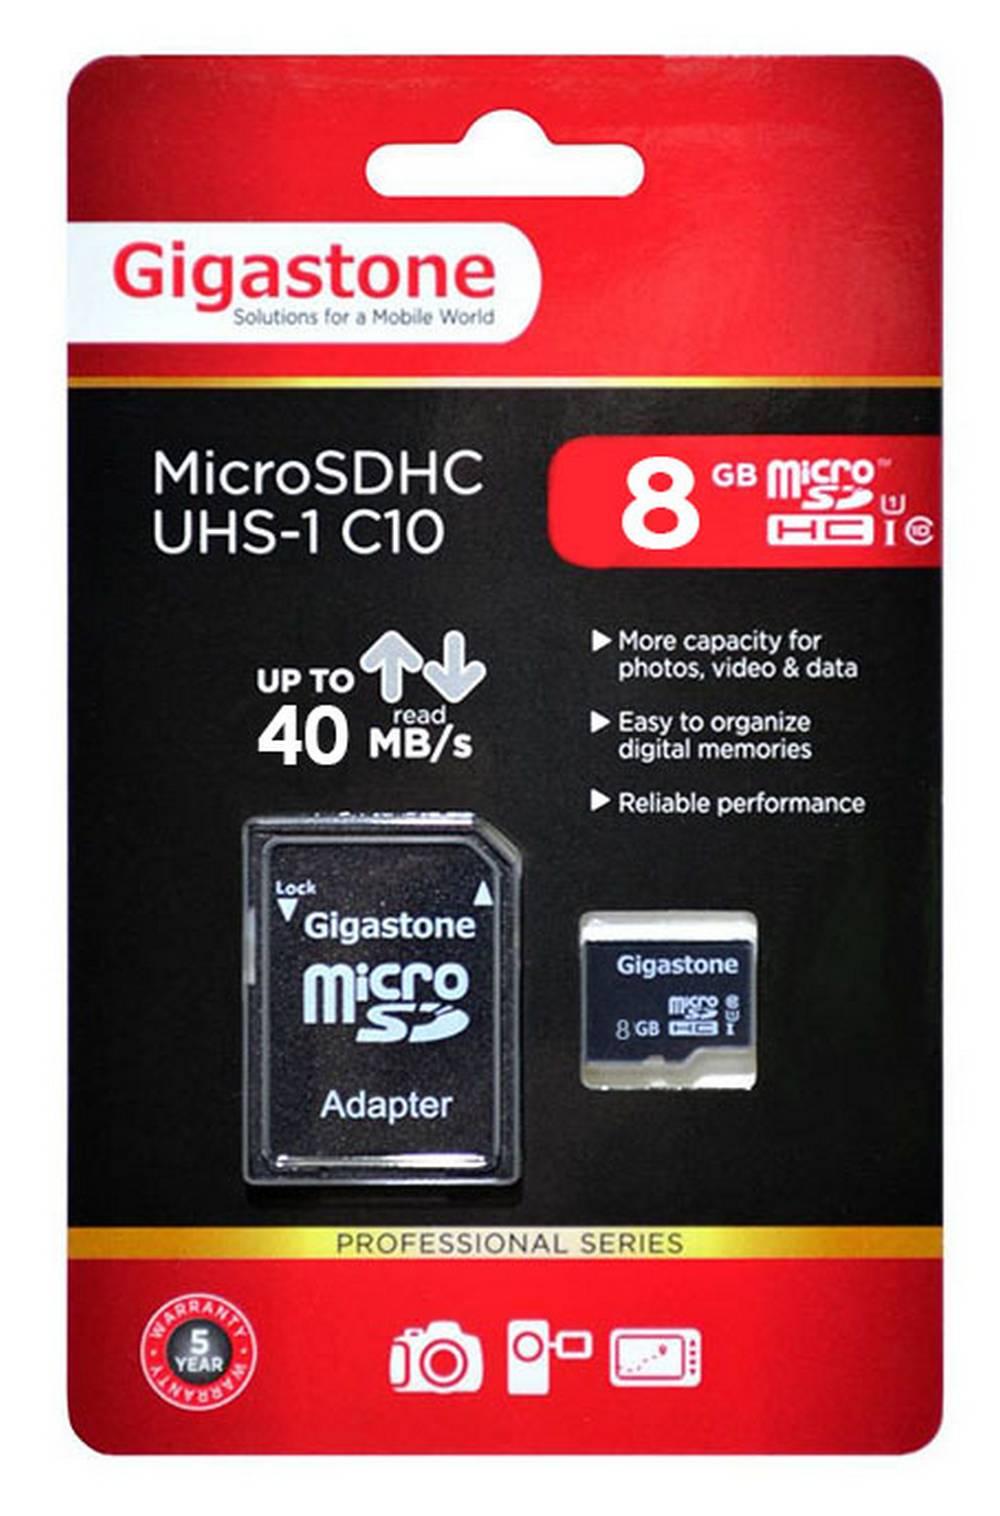 Κάρτα Μνήμης Gigastone MicroSDHC UHS-1 8GB C10 Professional Series με SD Αντάπτορα up to 40 MB/s*